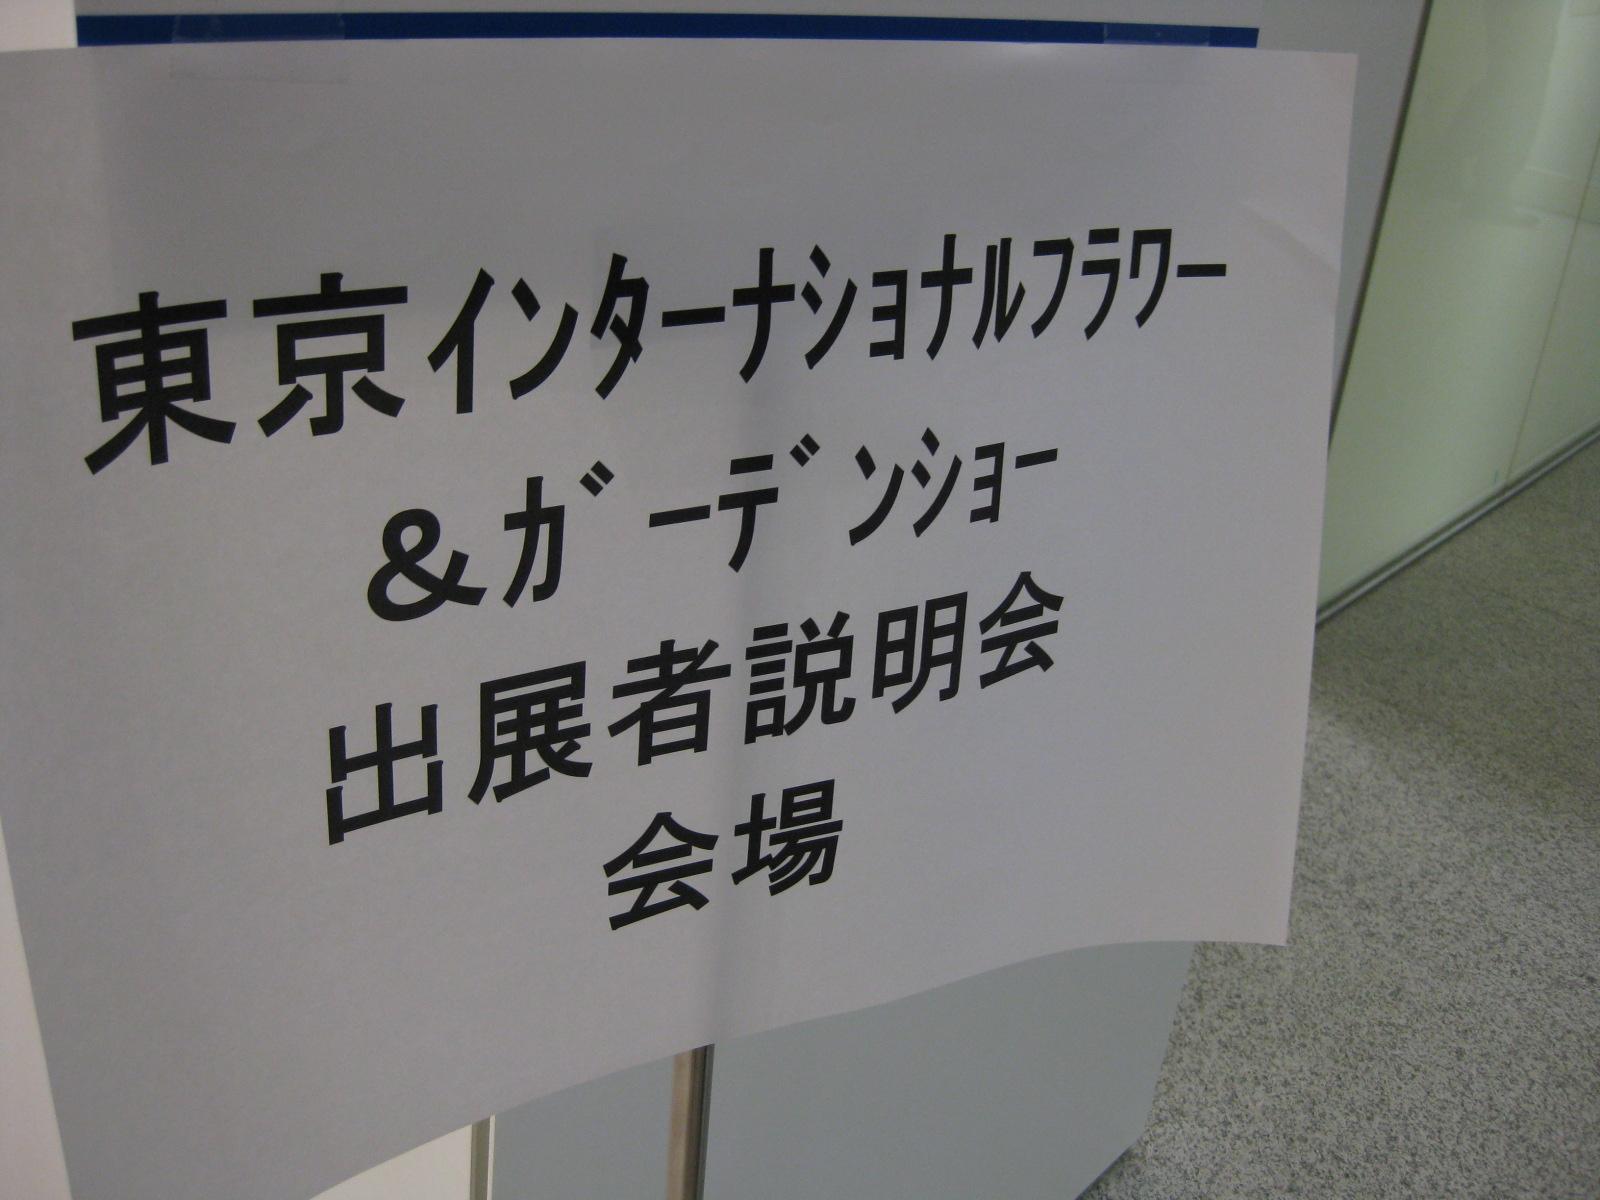 東京インターナショナルフラワー&ガーデンショー説明会_e0128446_22383346.jpg